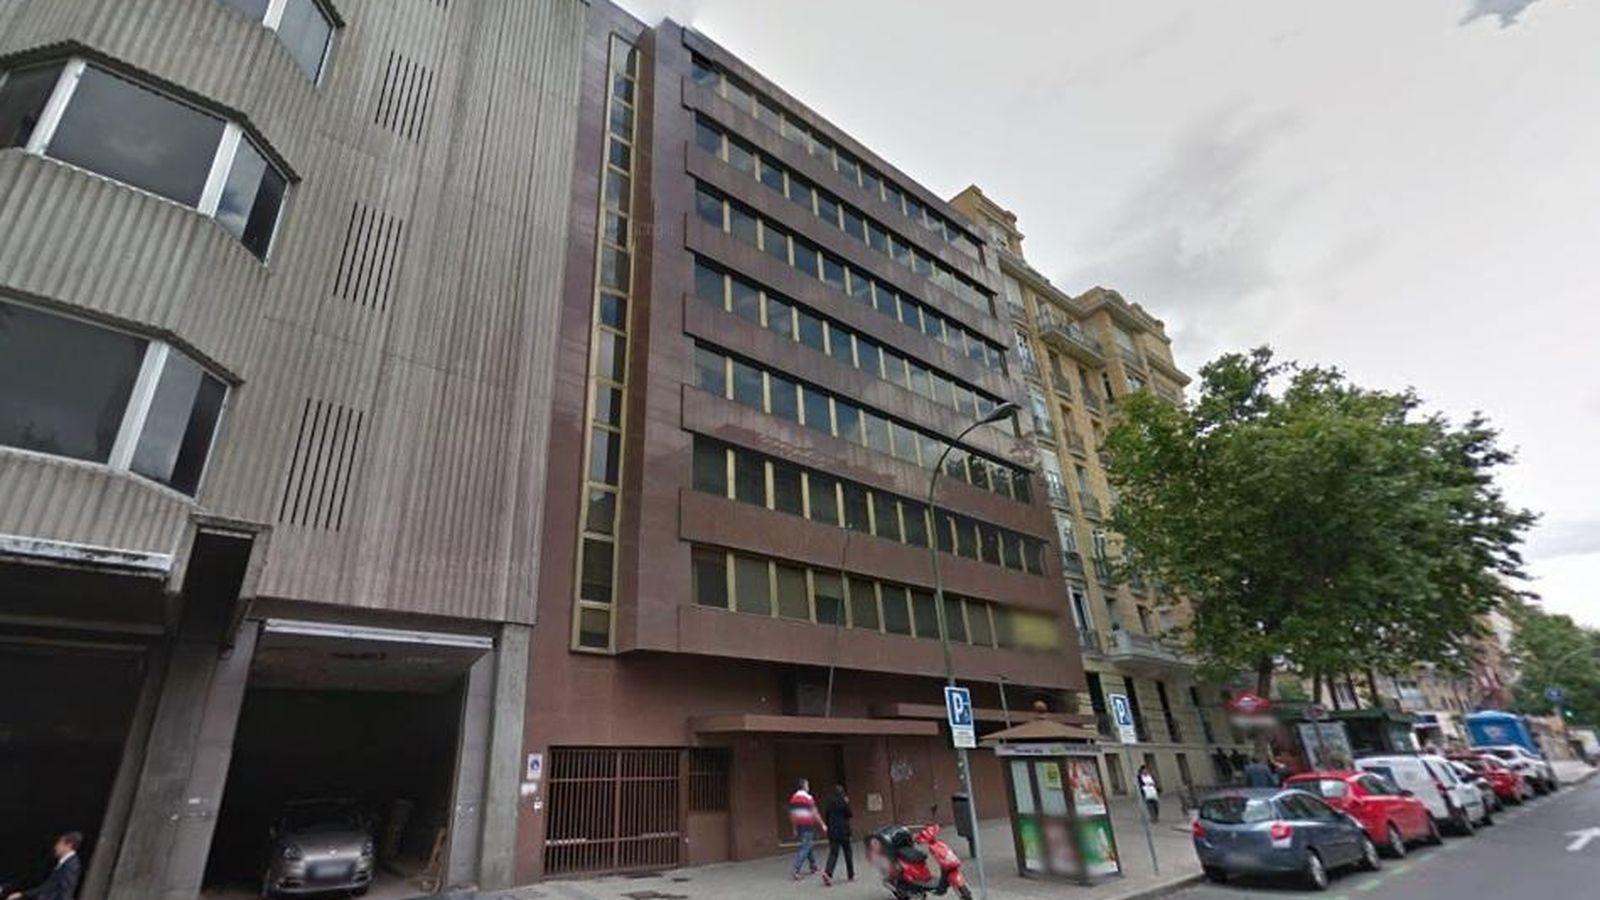 Foto: Río Rosas 24. Edificio comprado por el fondo inmobiliario de Arcano.